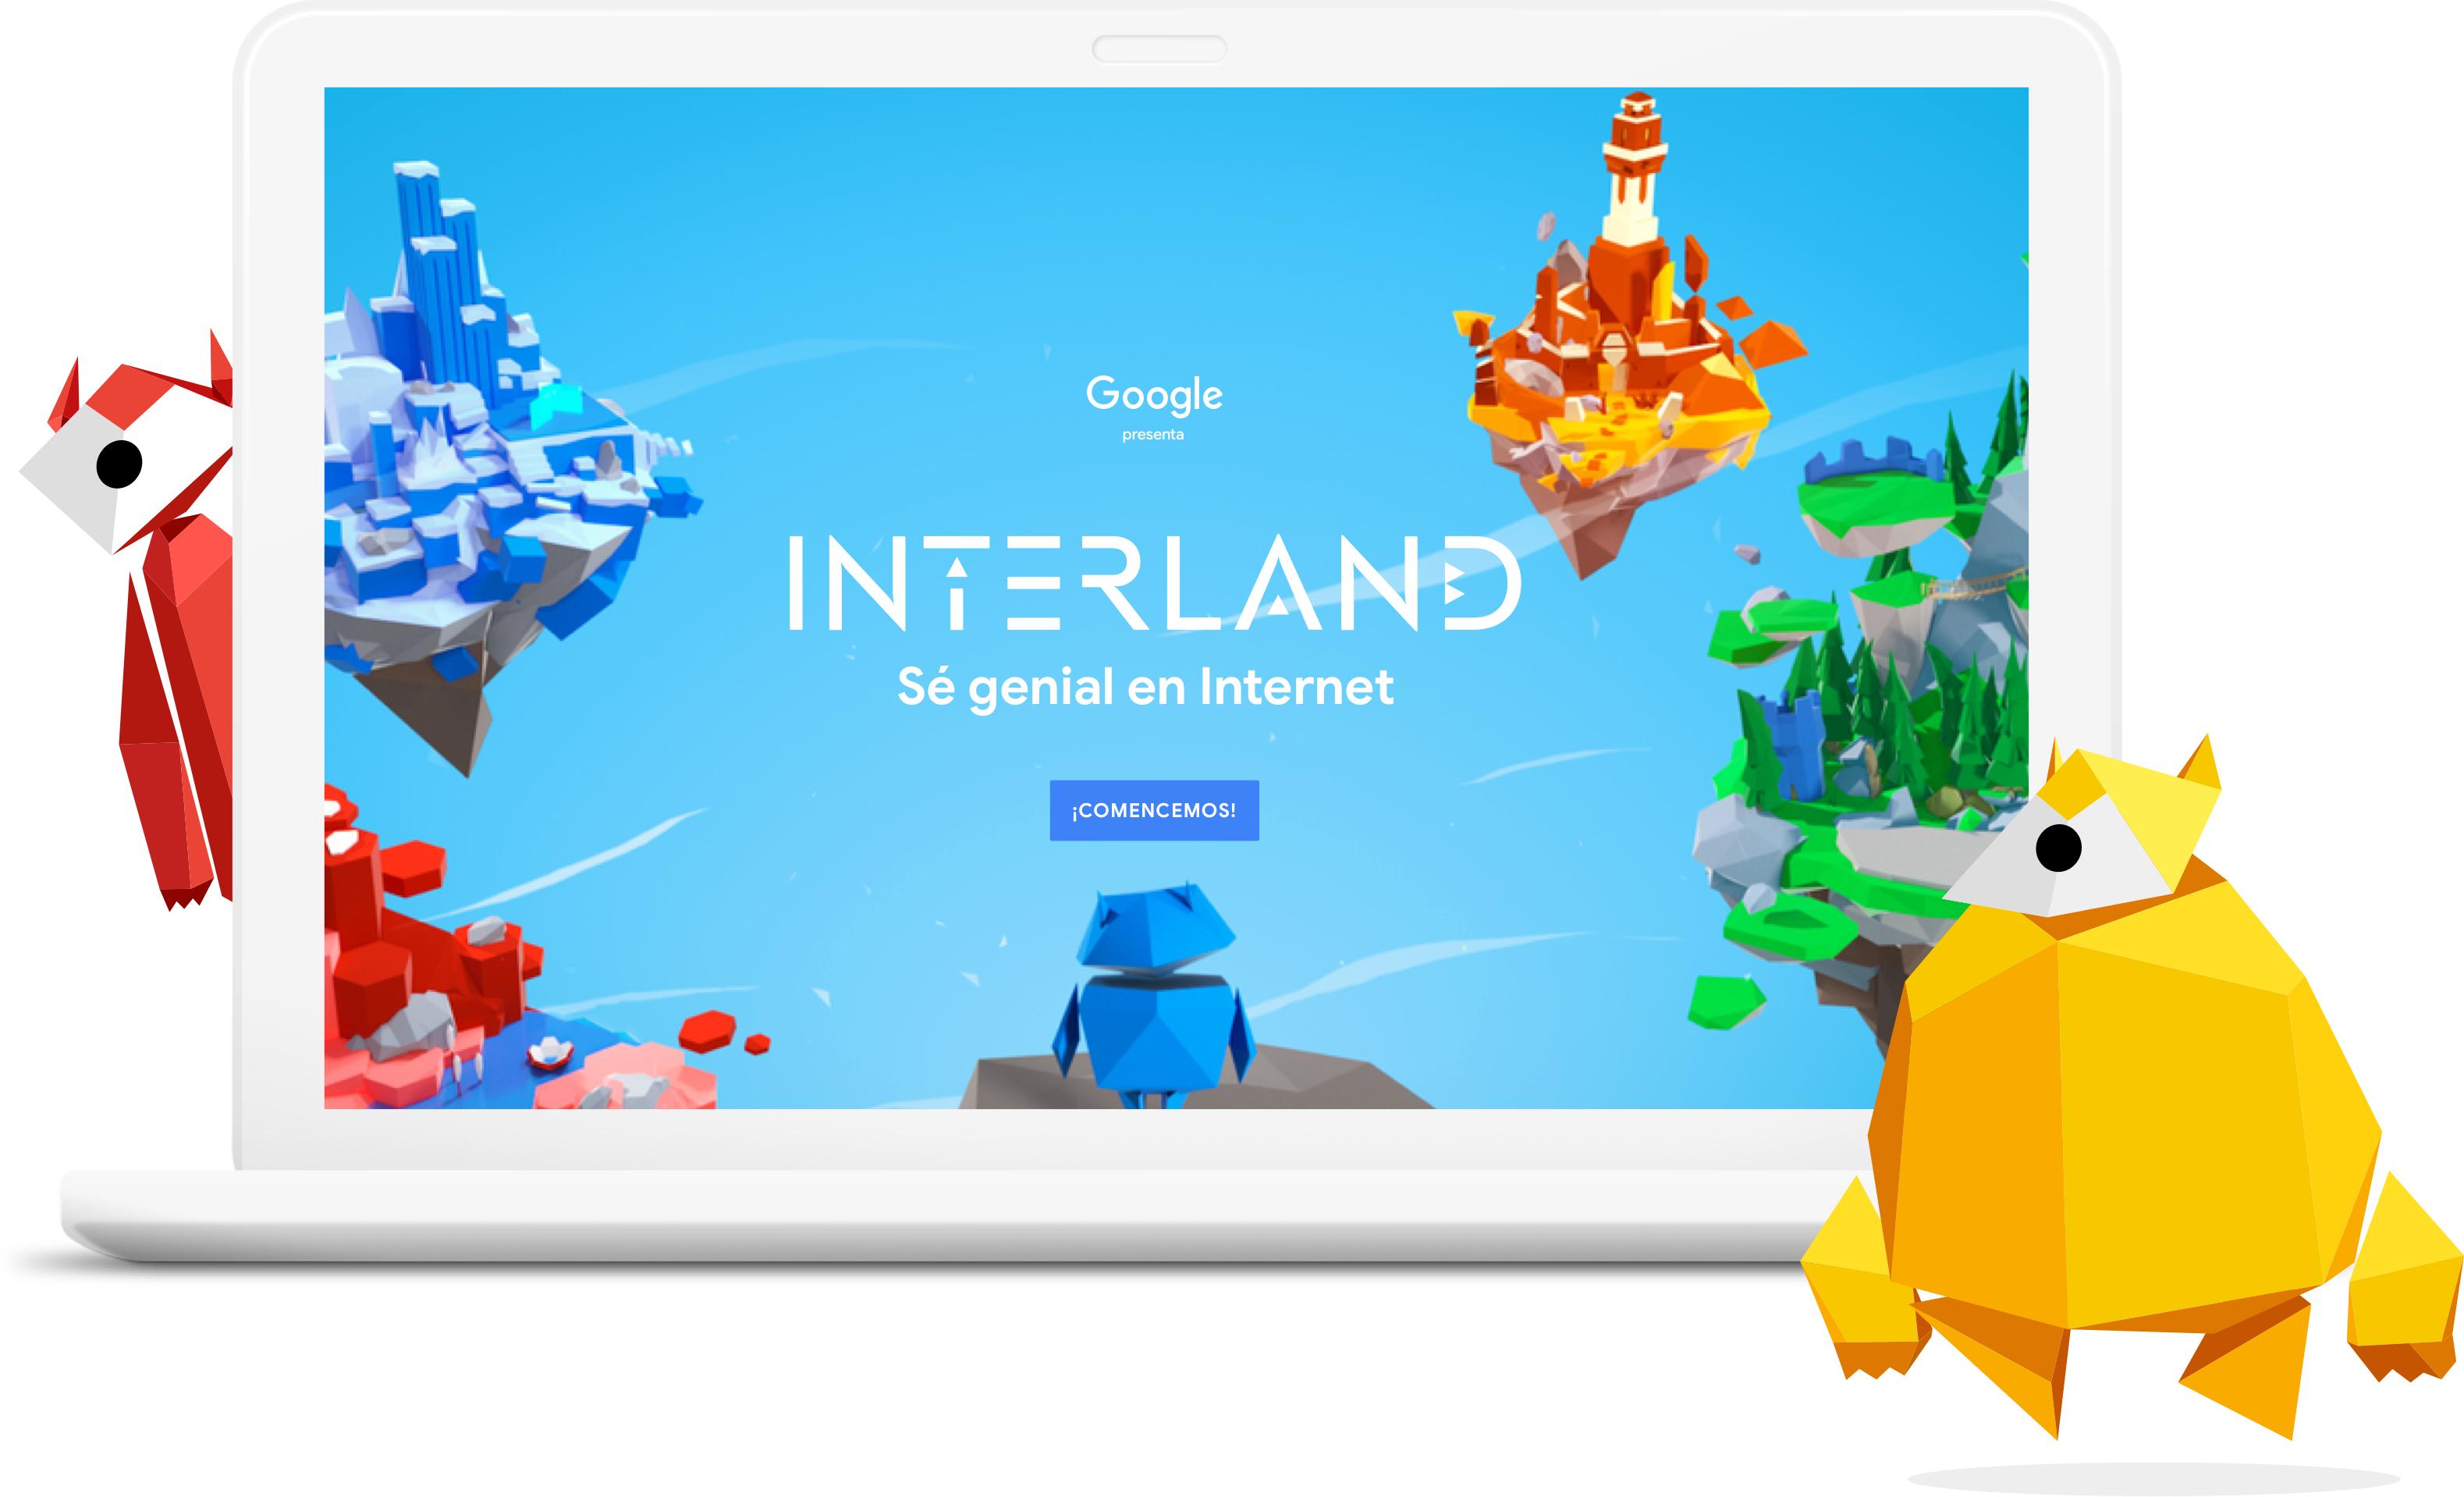 El juego de google para navegar seguros en la red